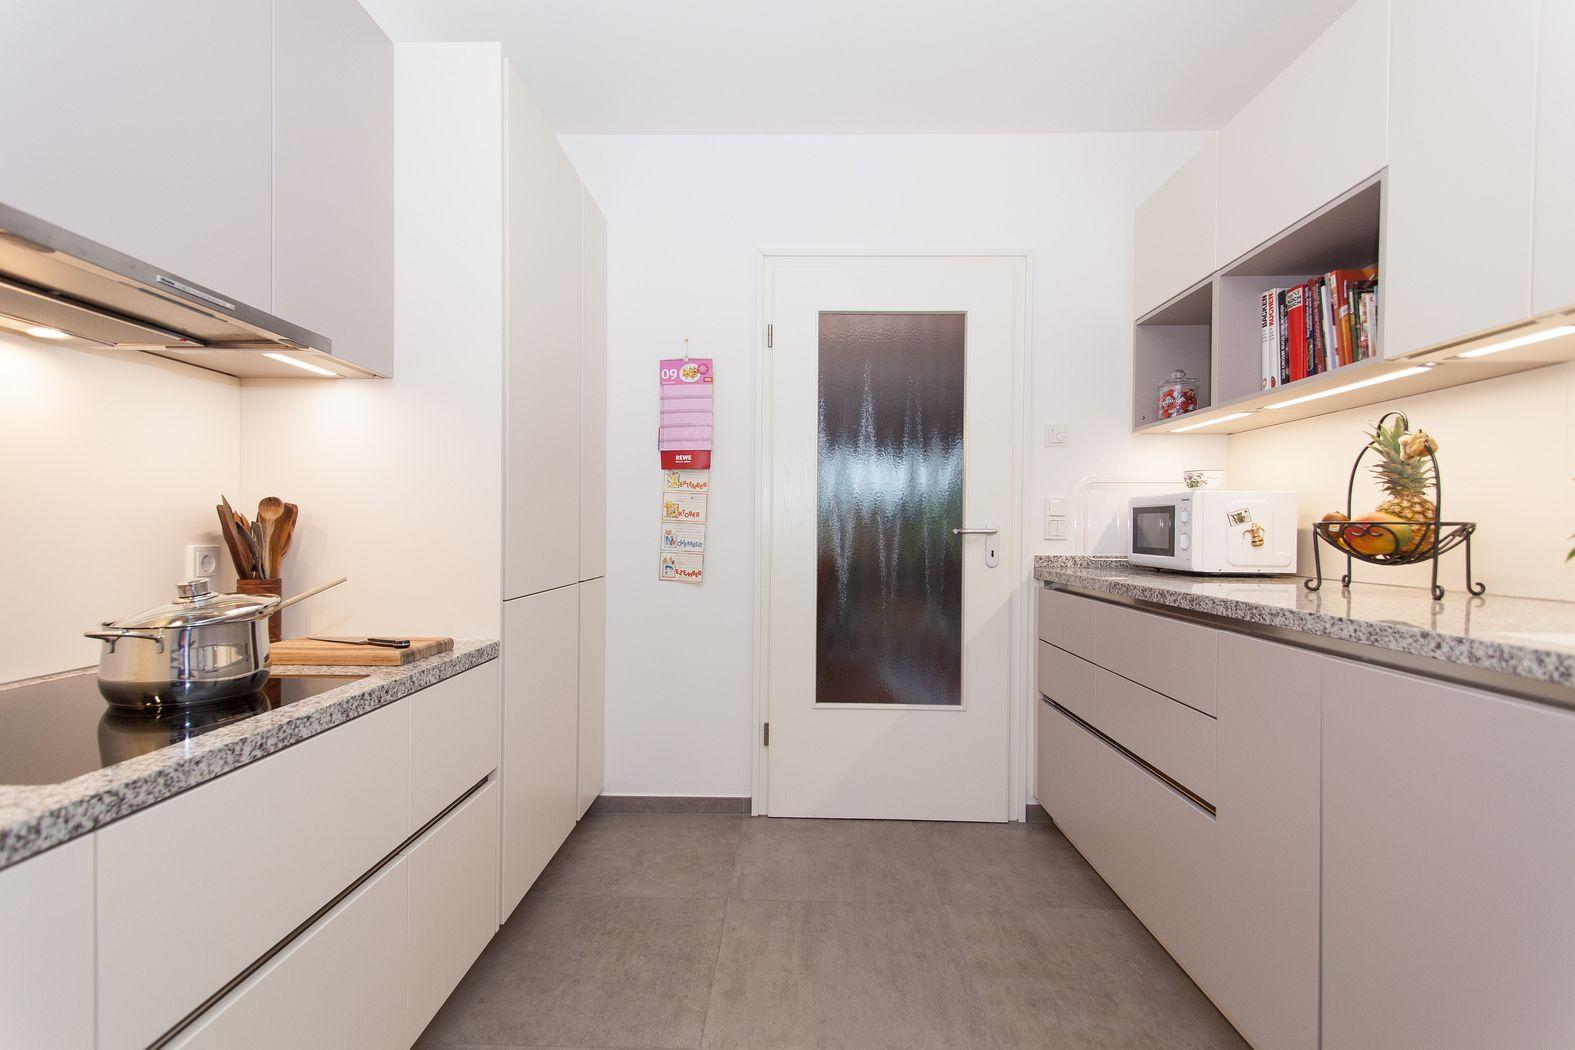 Küchenzeilen weiß  Günstige Küchenzeilen Mit Elektrogeräten | kochkor.info